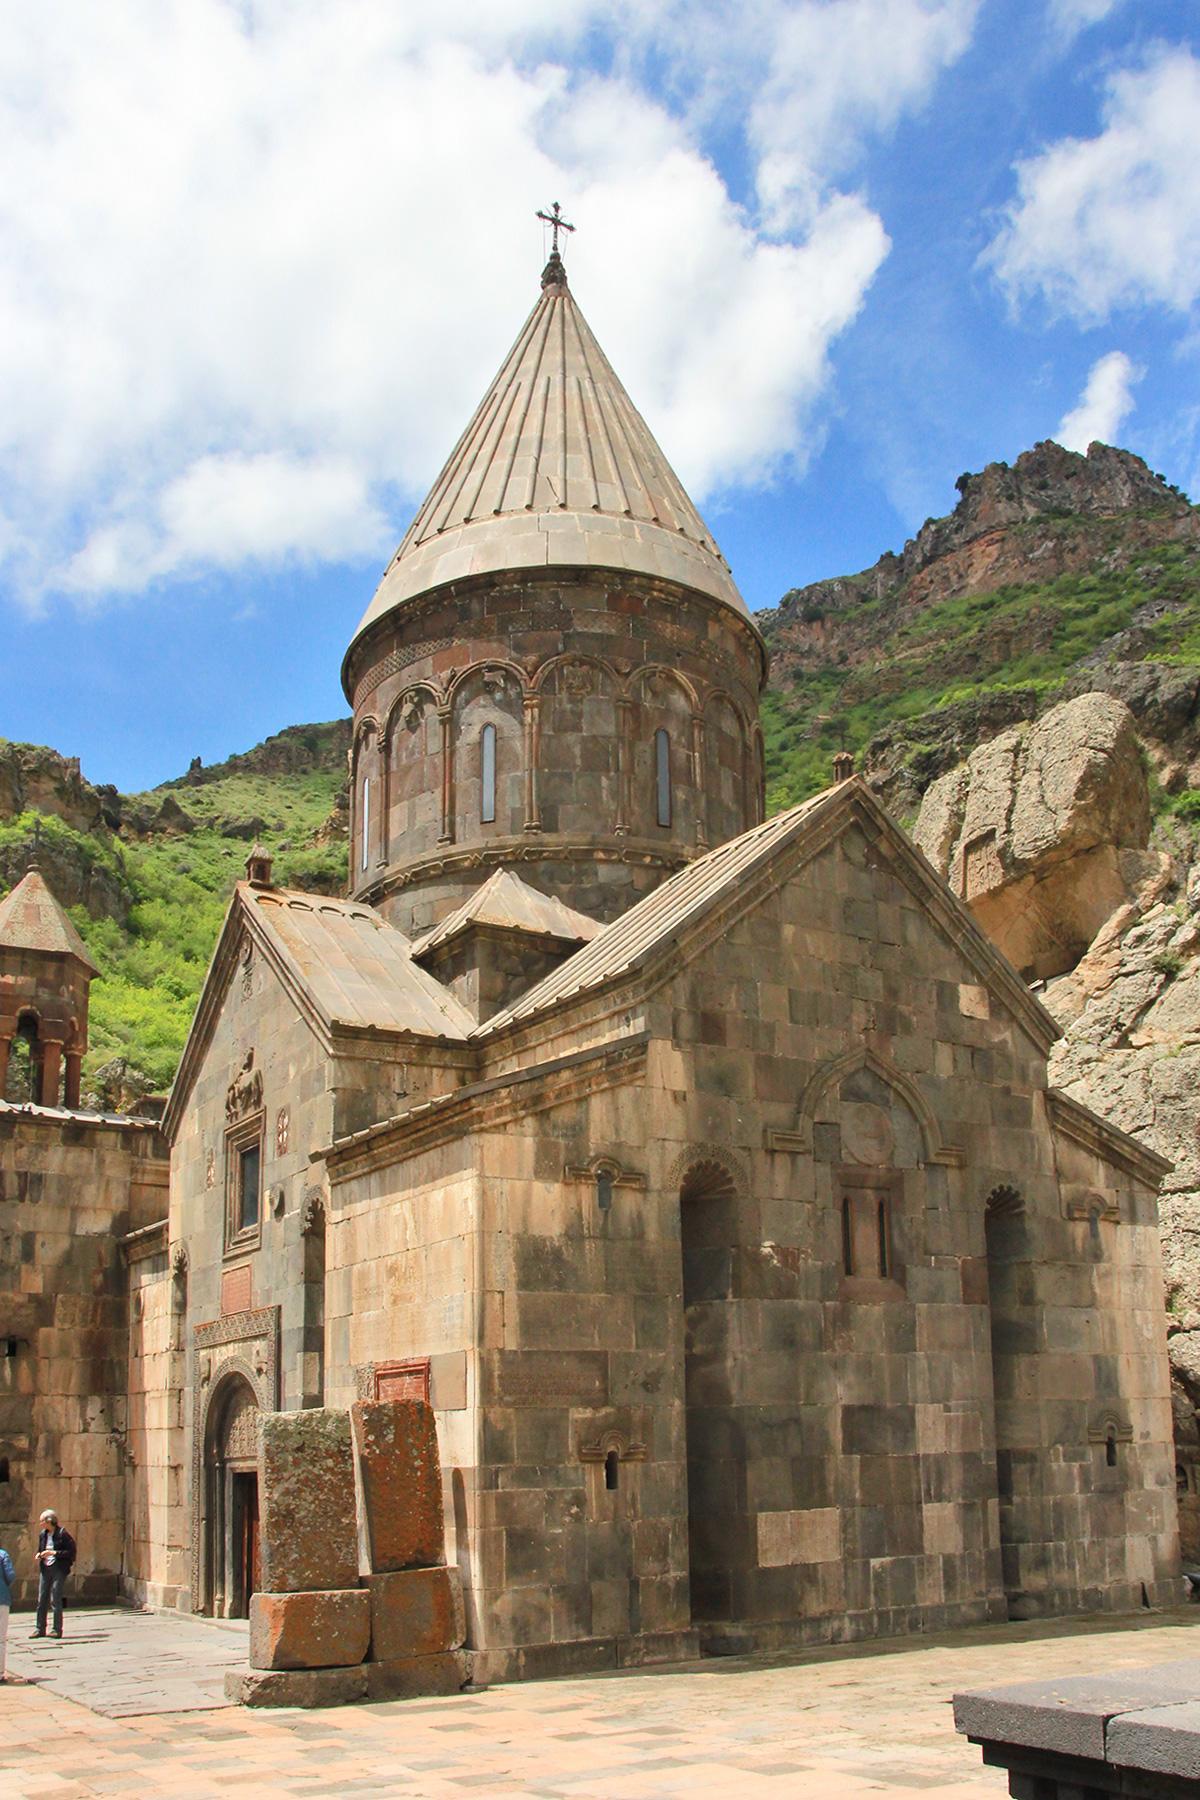 8_YervanArmenia_ReligiousSites_shutterstock_1146720155_1